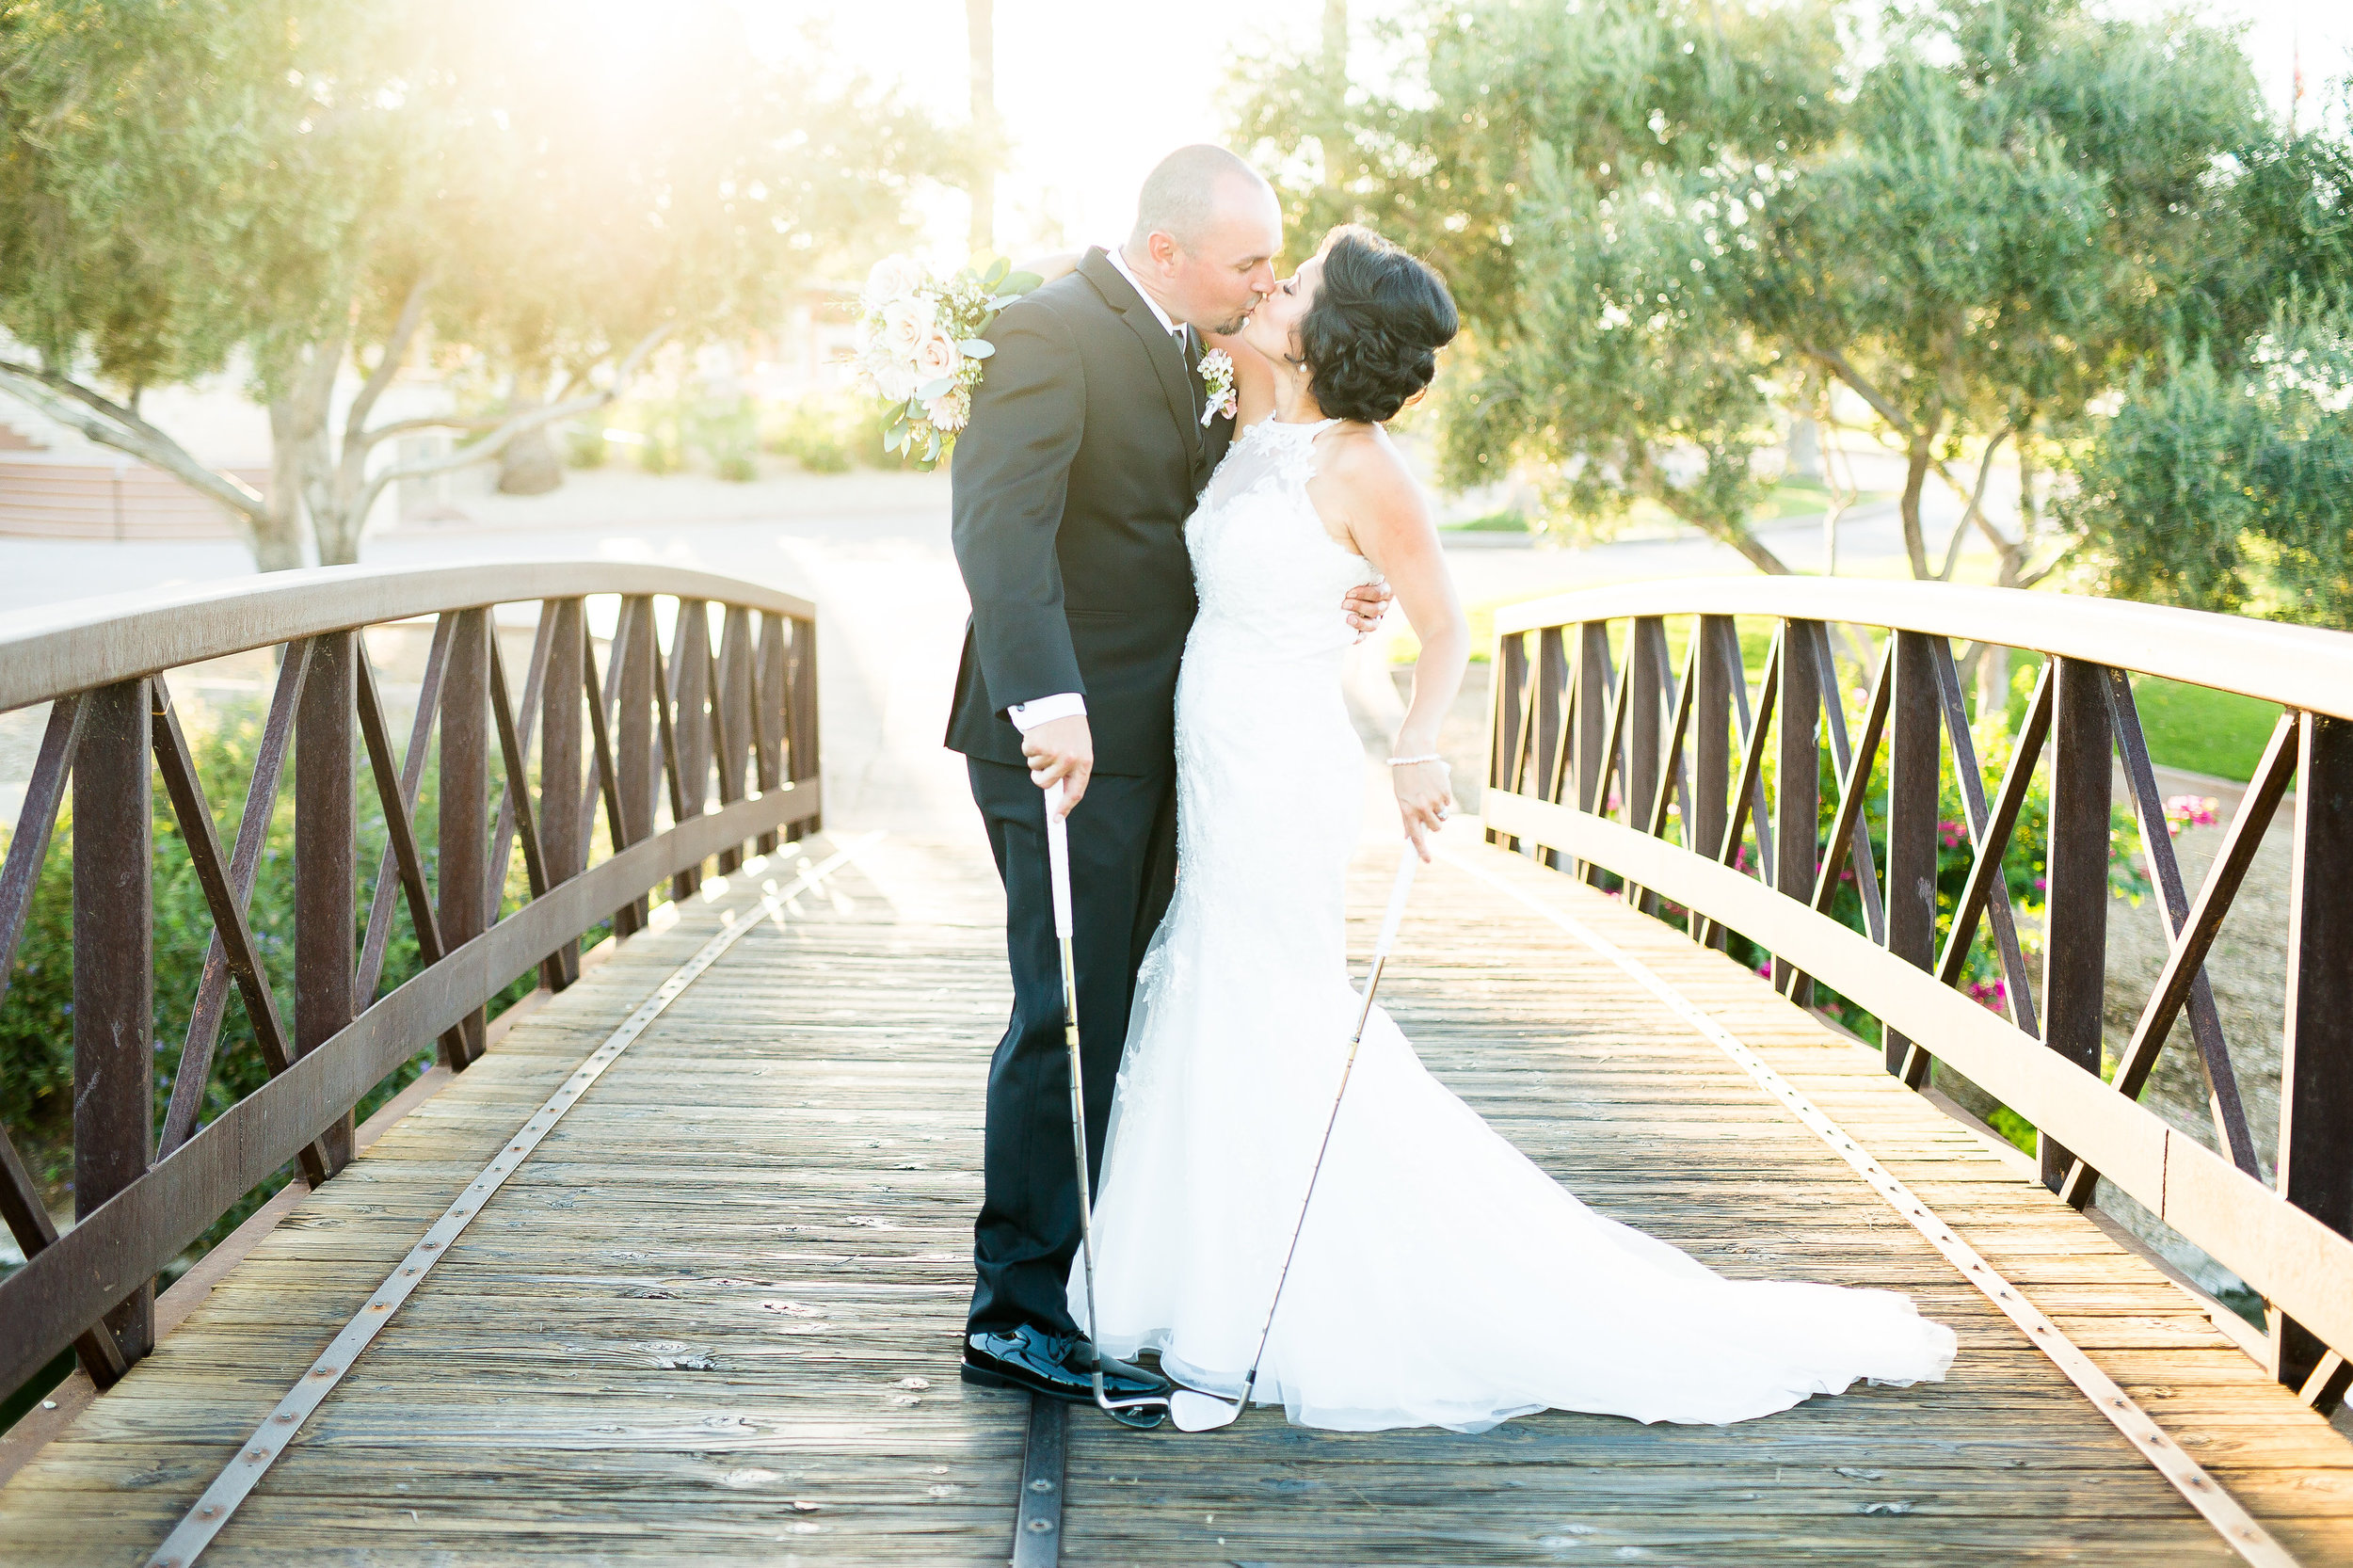 bridegroom-14-2.jpg